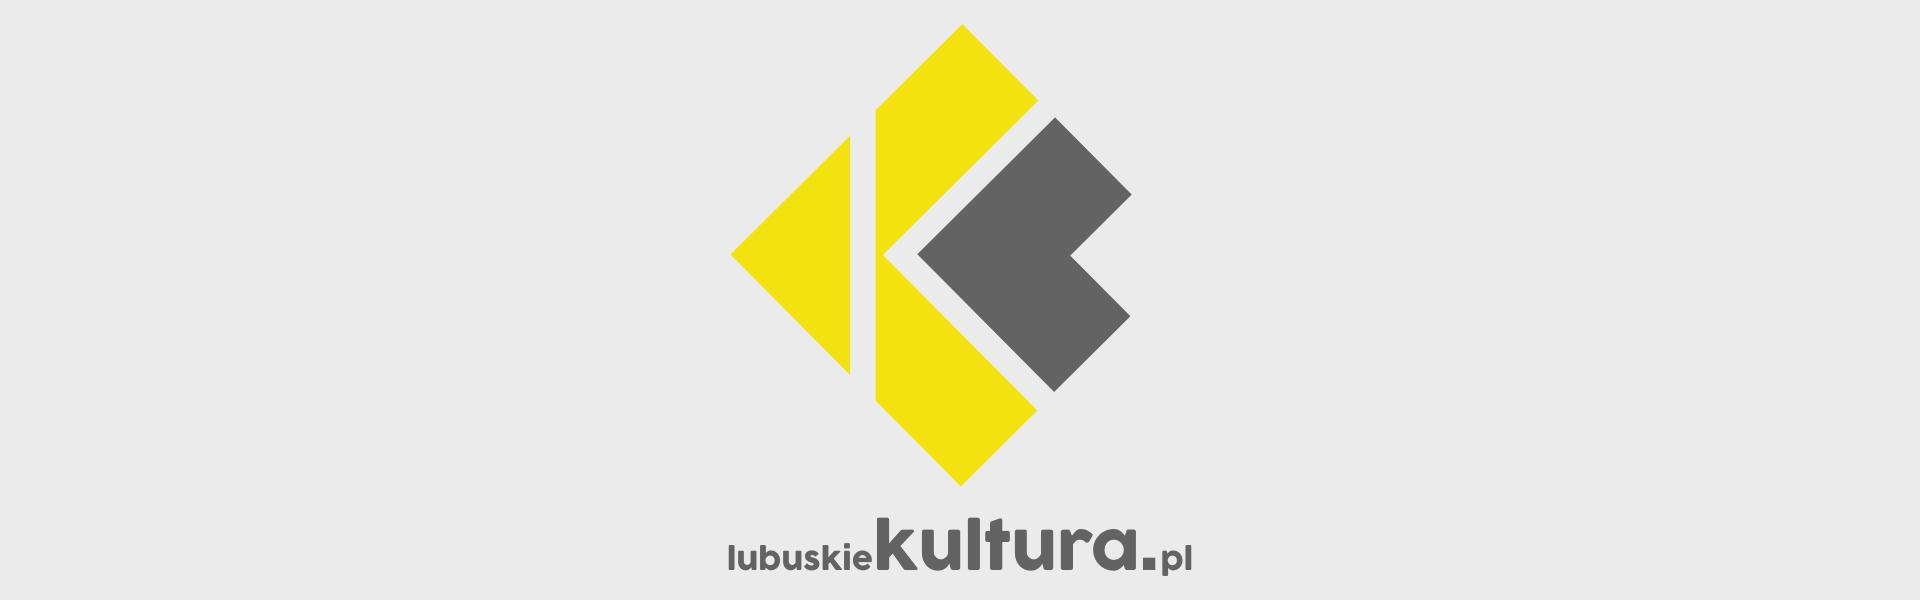 lubuskiekultura.pl